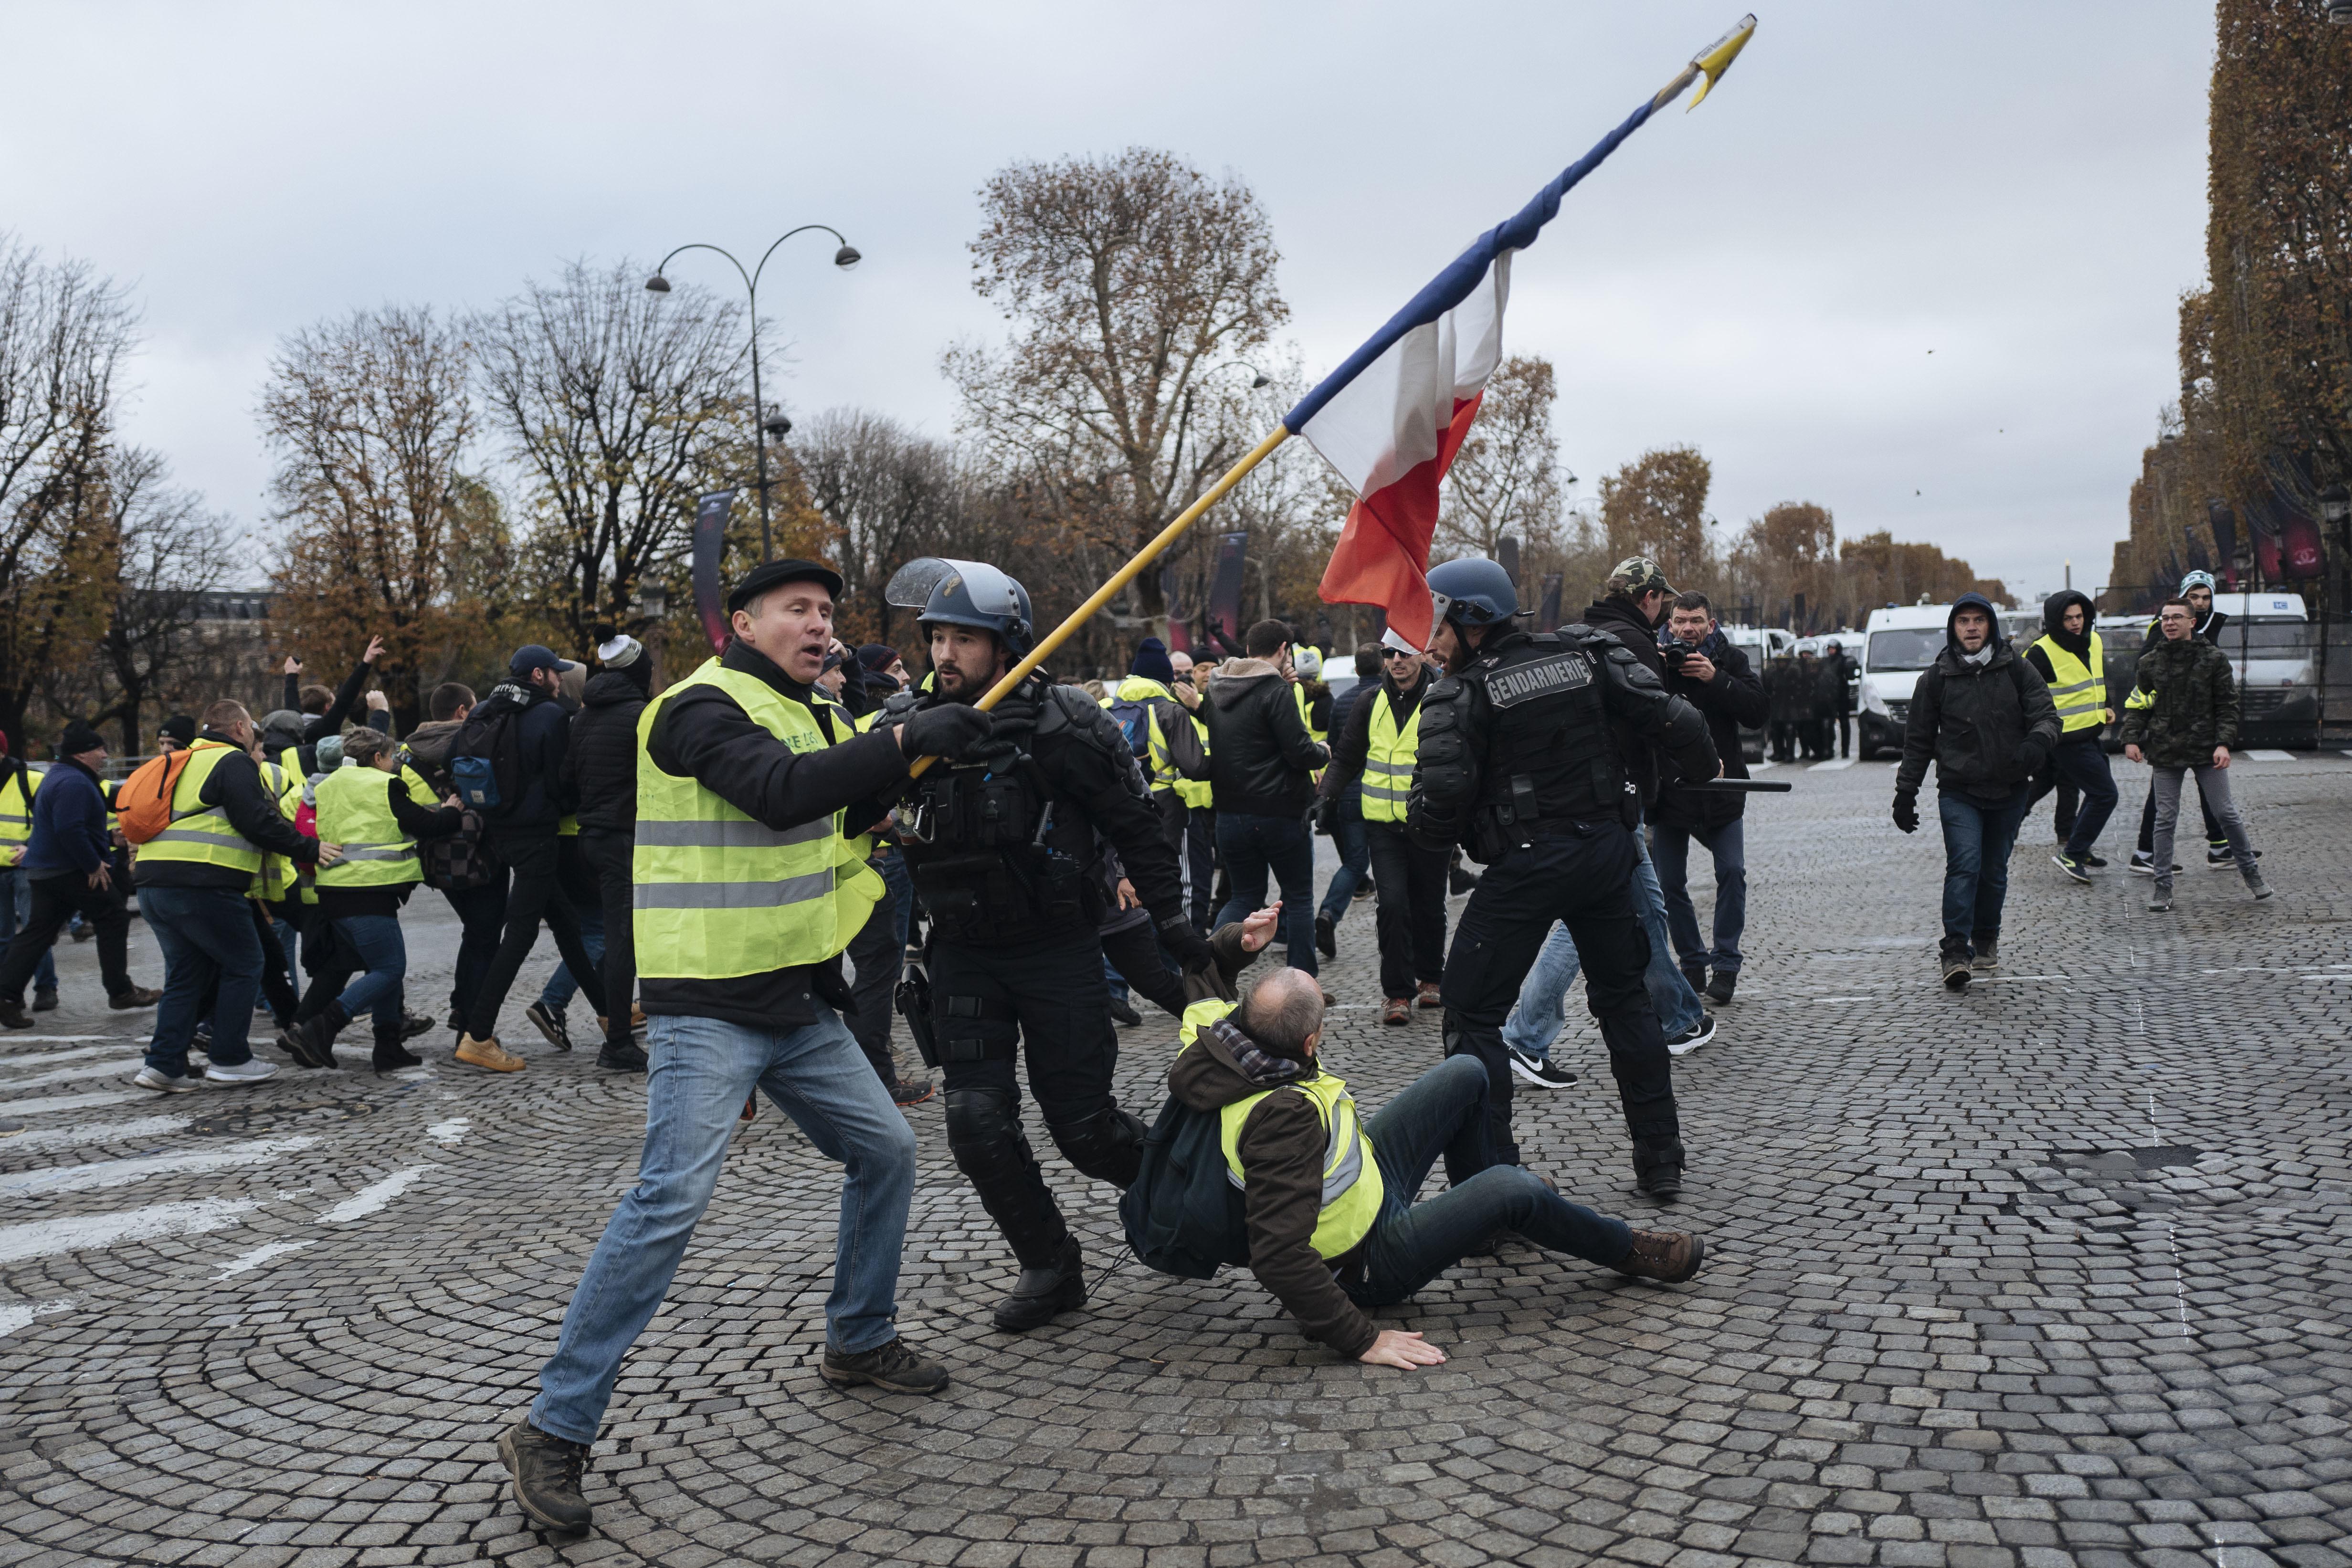 Gilet gialli in piazza a Parigi, è guerriglia con la polizia